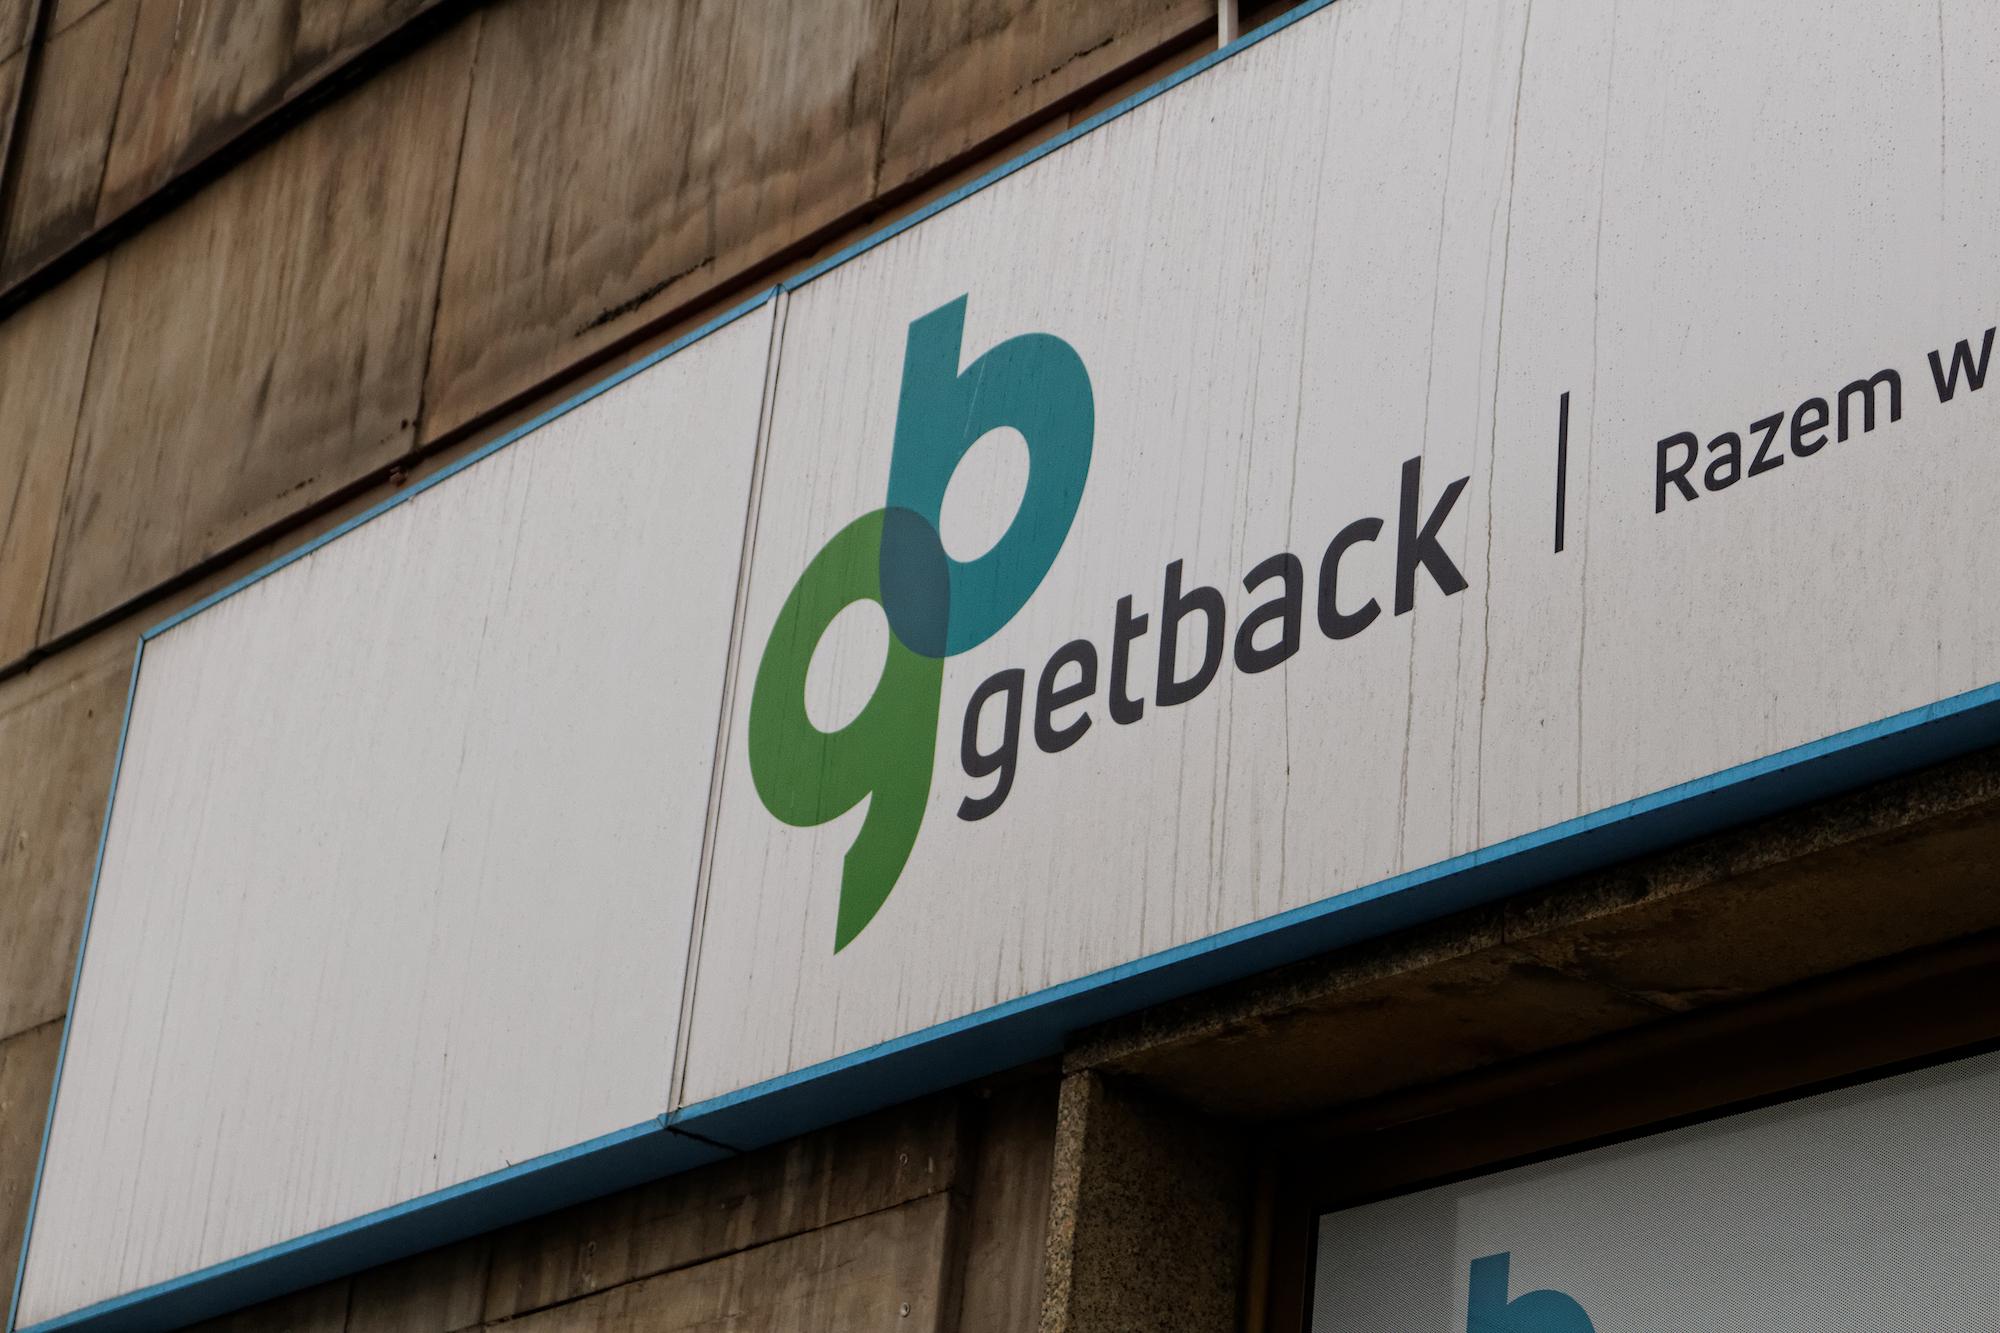 Sprzedaż obligacji GetBack jest jednym ze źródeł problemów Idea Banku (Fot. Mateusz Szymański/Shutterstock)